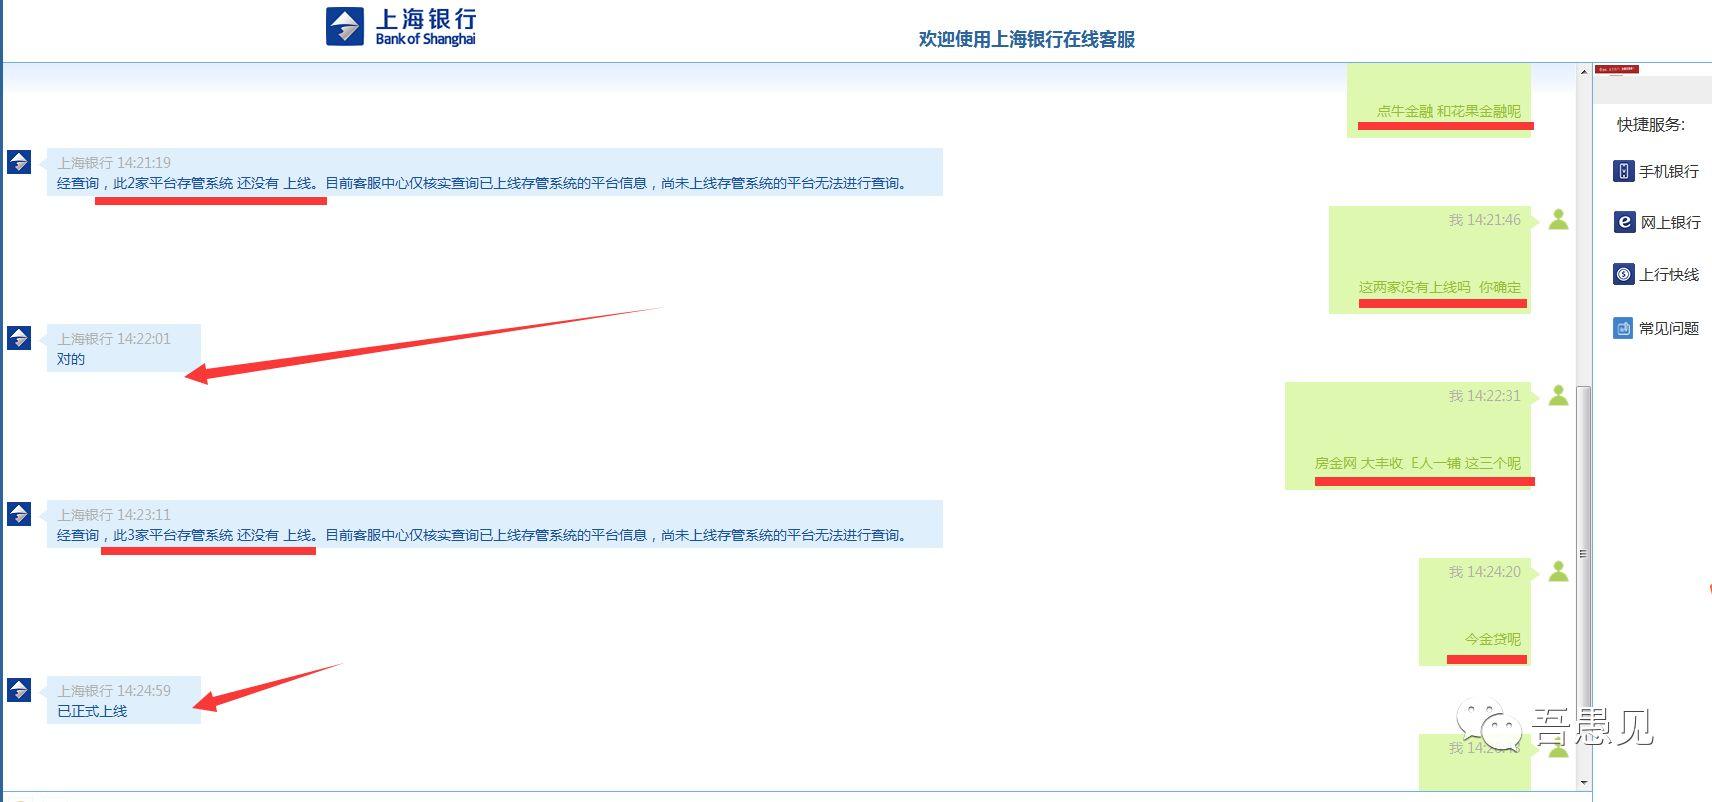 谁说谎上海银行否认花果金融、点牛金融有存管而平台方称冤枉